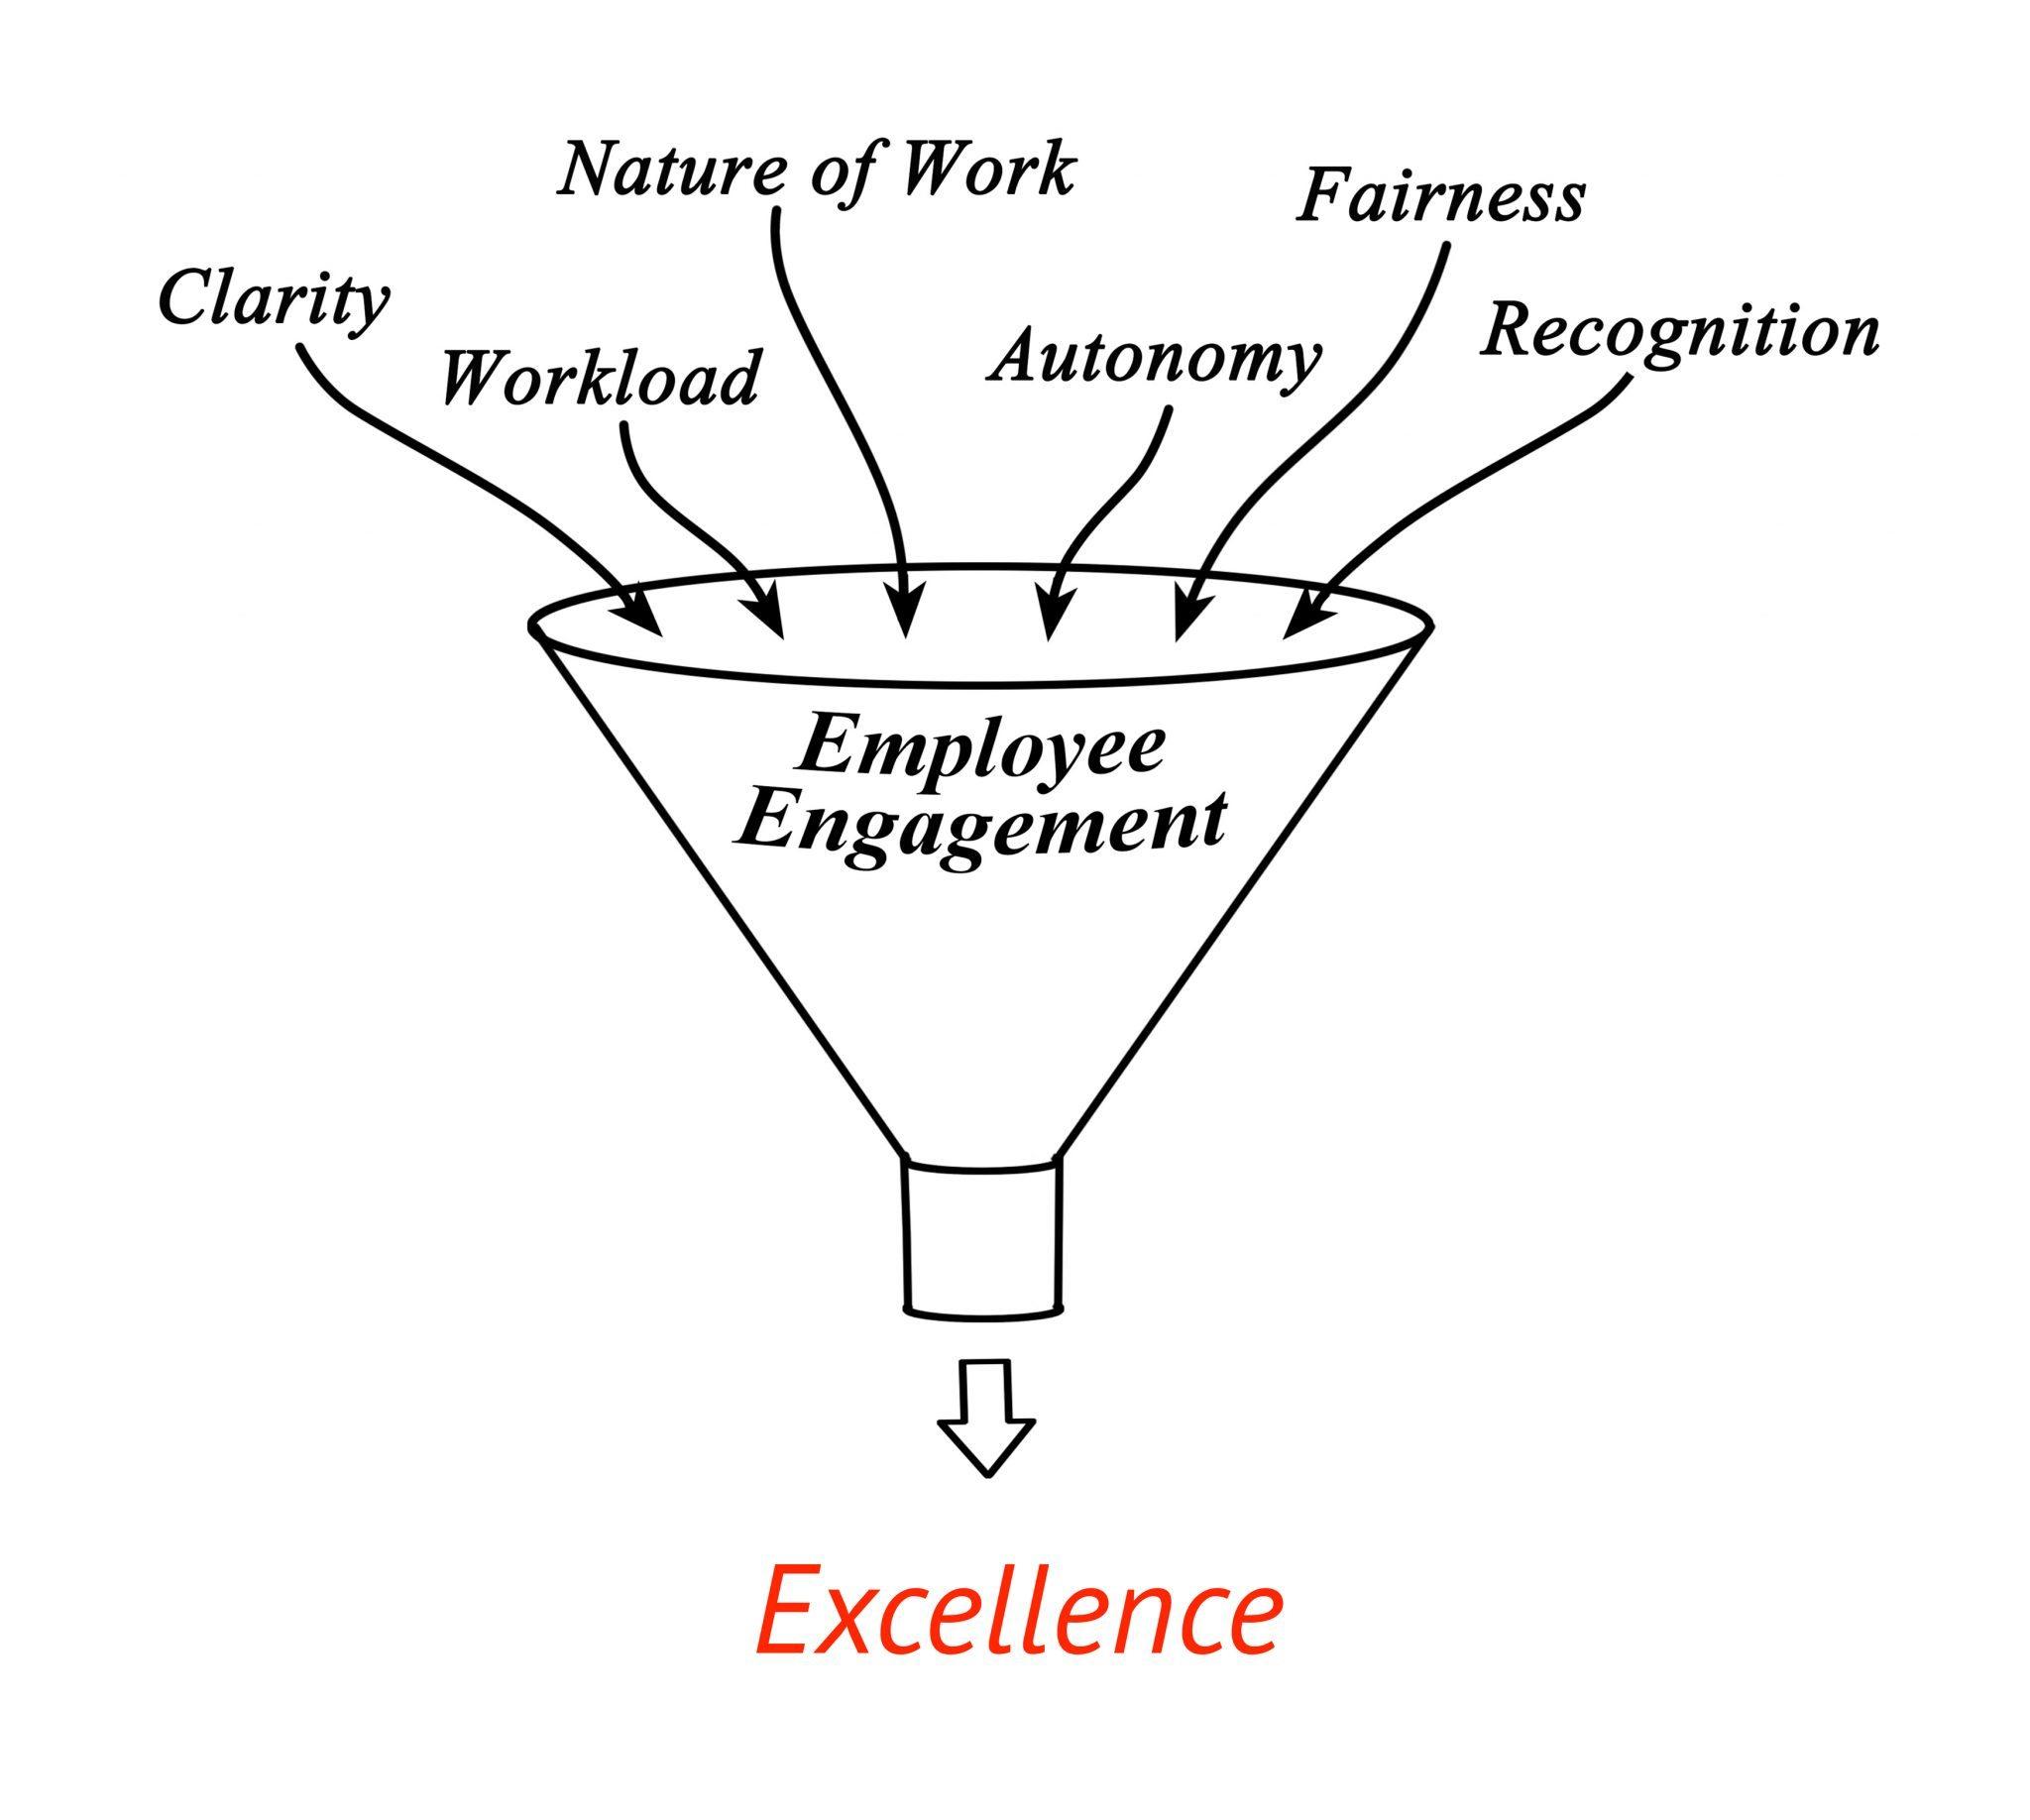 mät medarbetarengagemanget - alla ingredienser som ger en bra arbetsplats